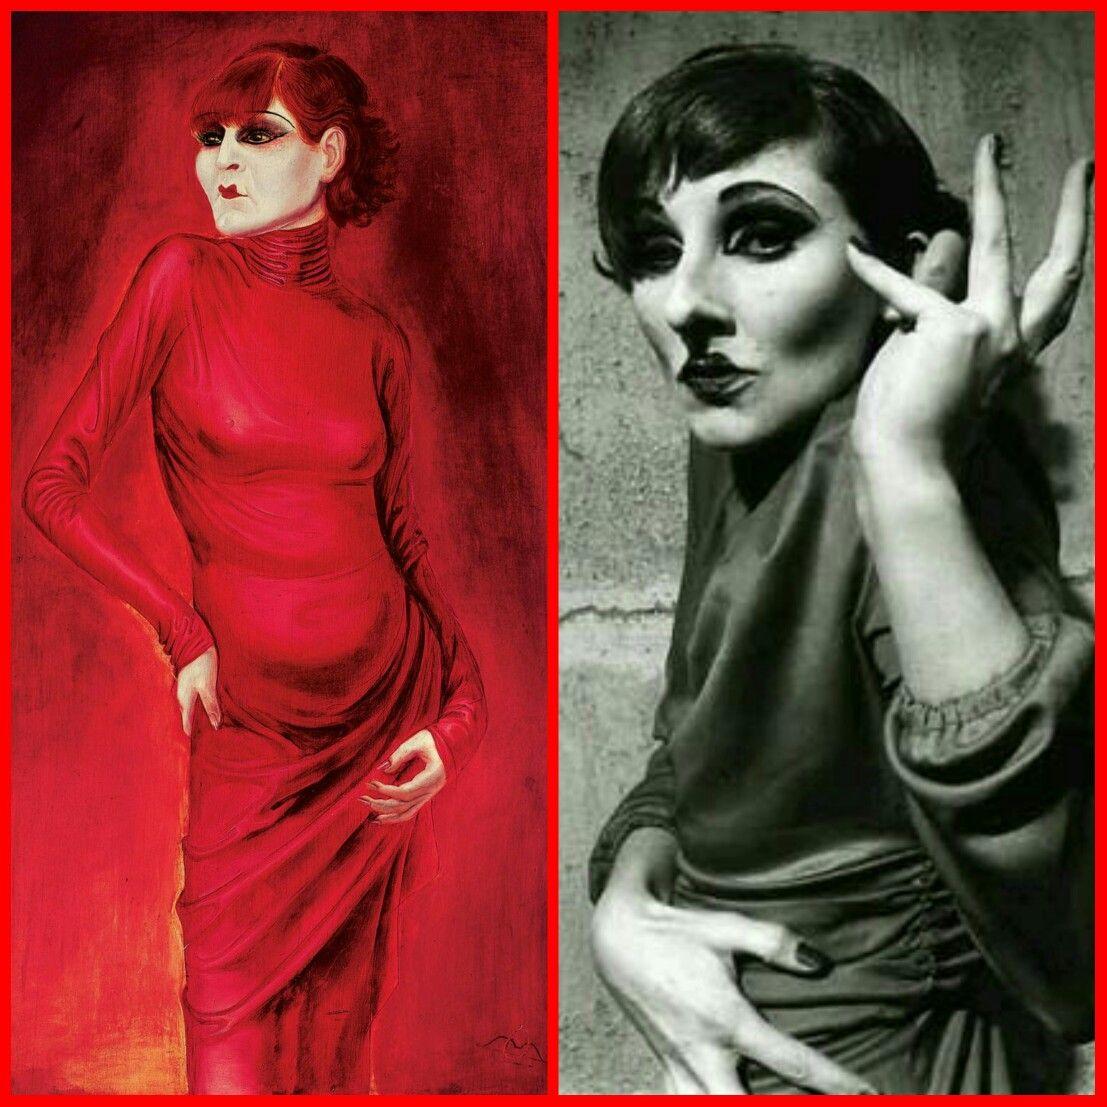 La Ballerina Anita Berber Nel Ritratto A Olio E Tempera Di Otto Dix Del  1925 (